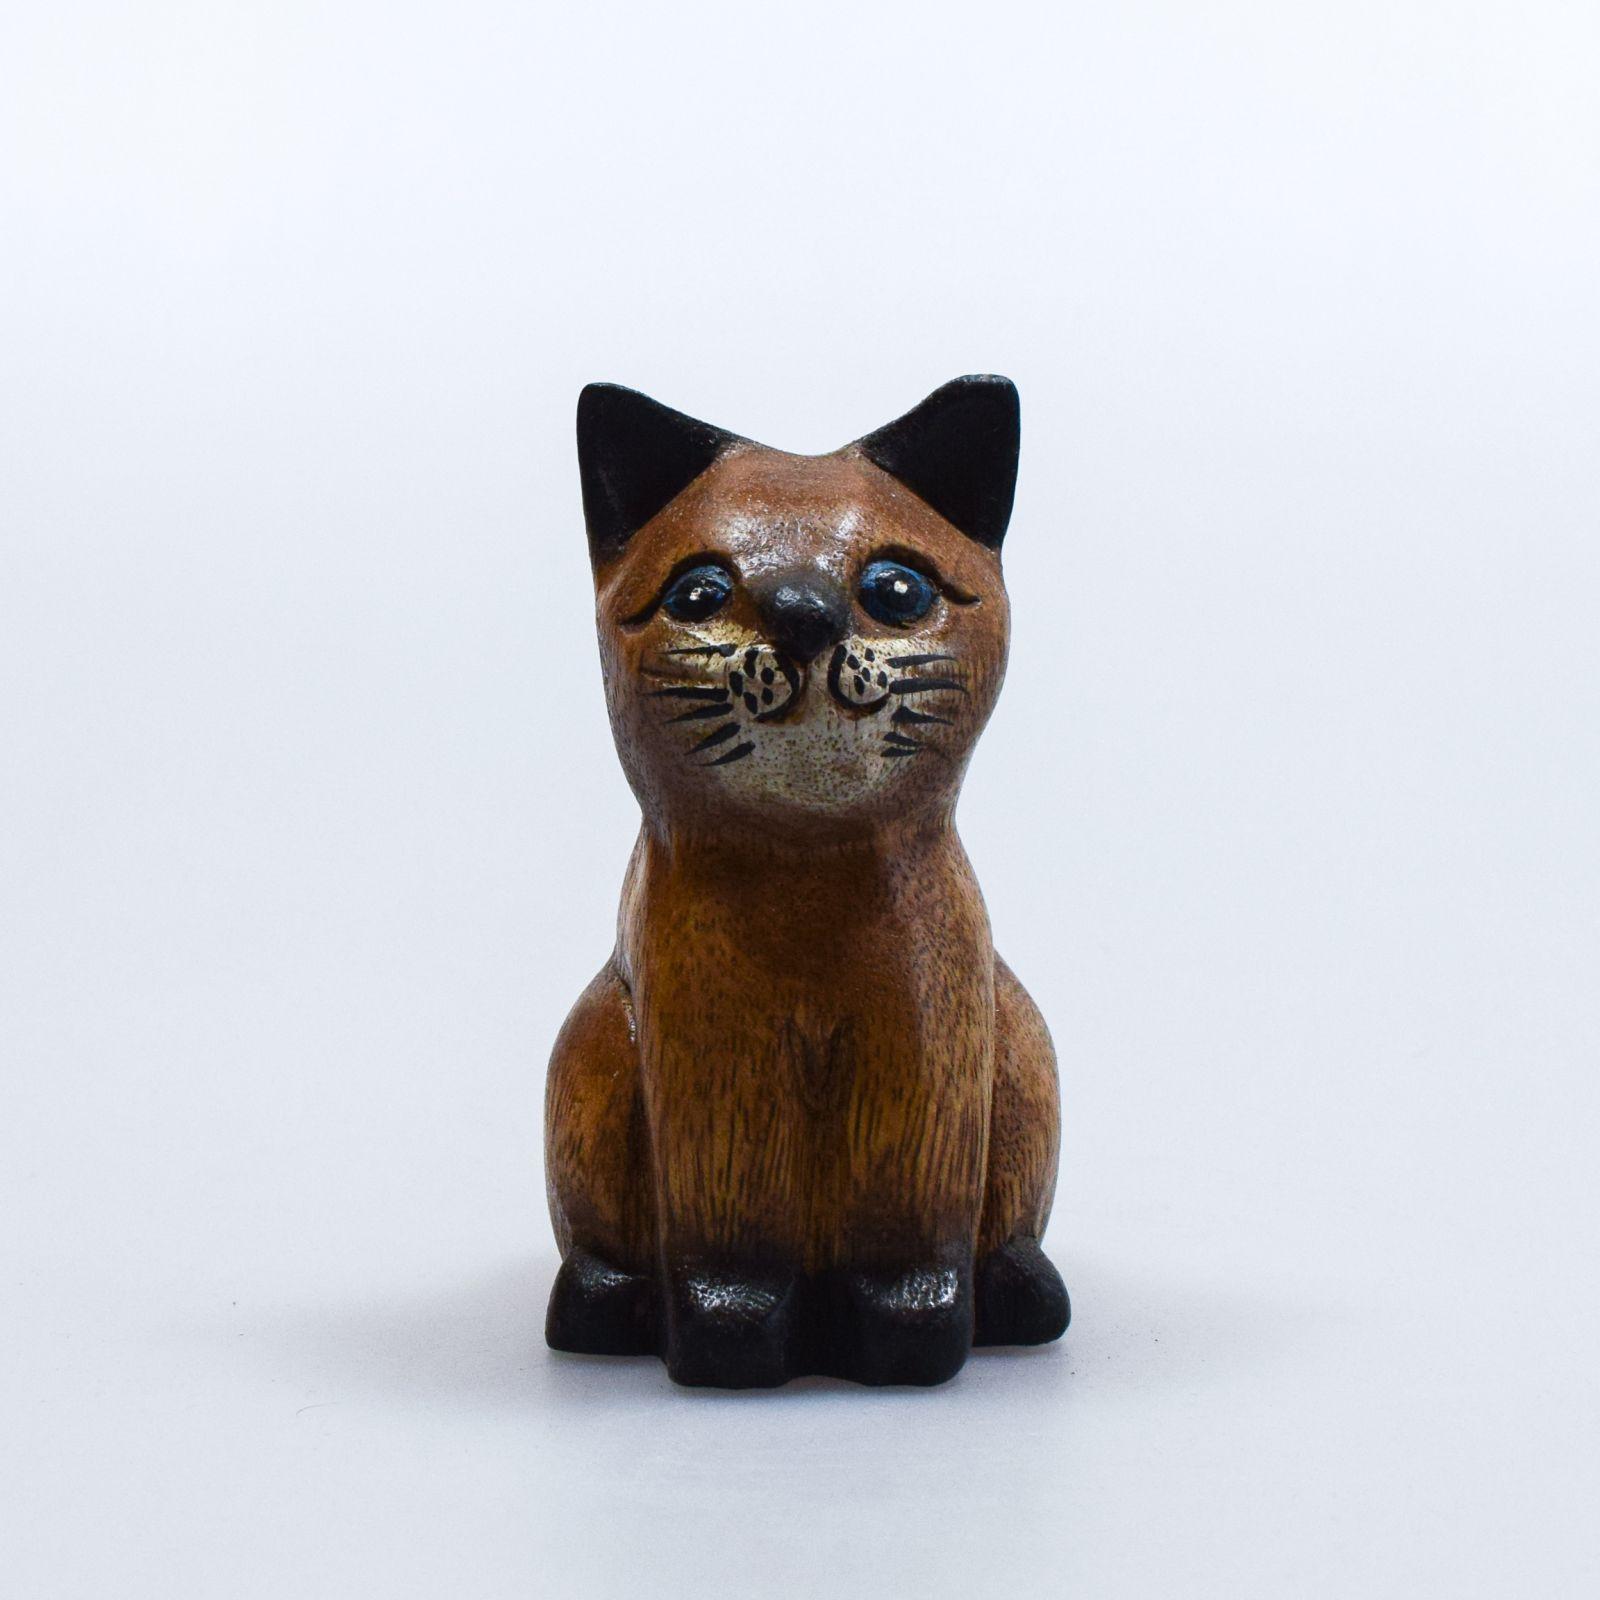 Soška Kočka dřevo sedící 11 cm